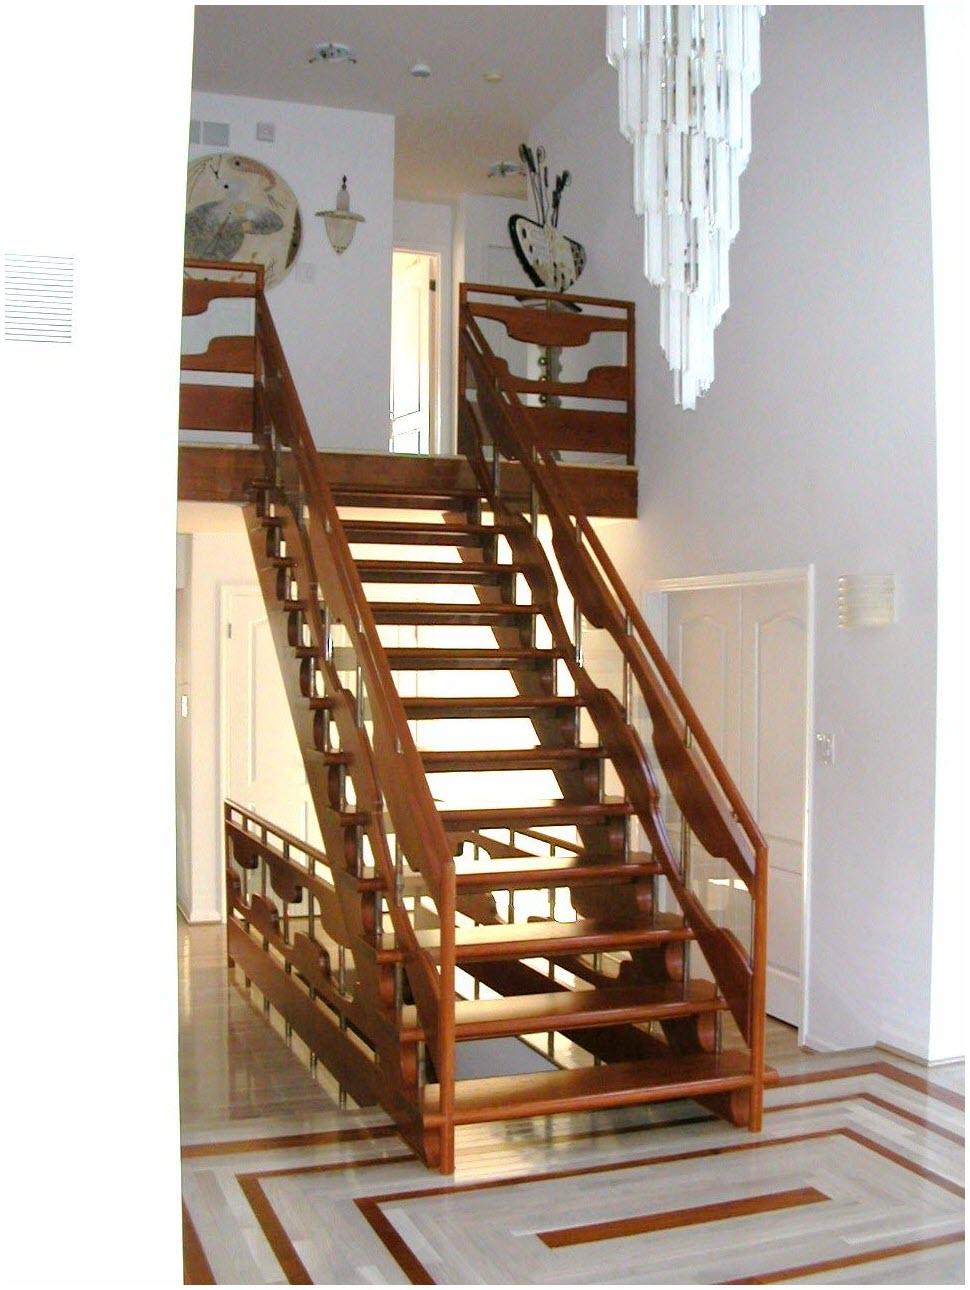 Hình cầu thang gỗ đơn giản, đẹp